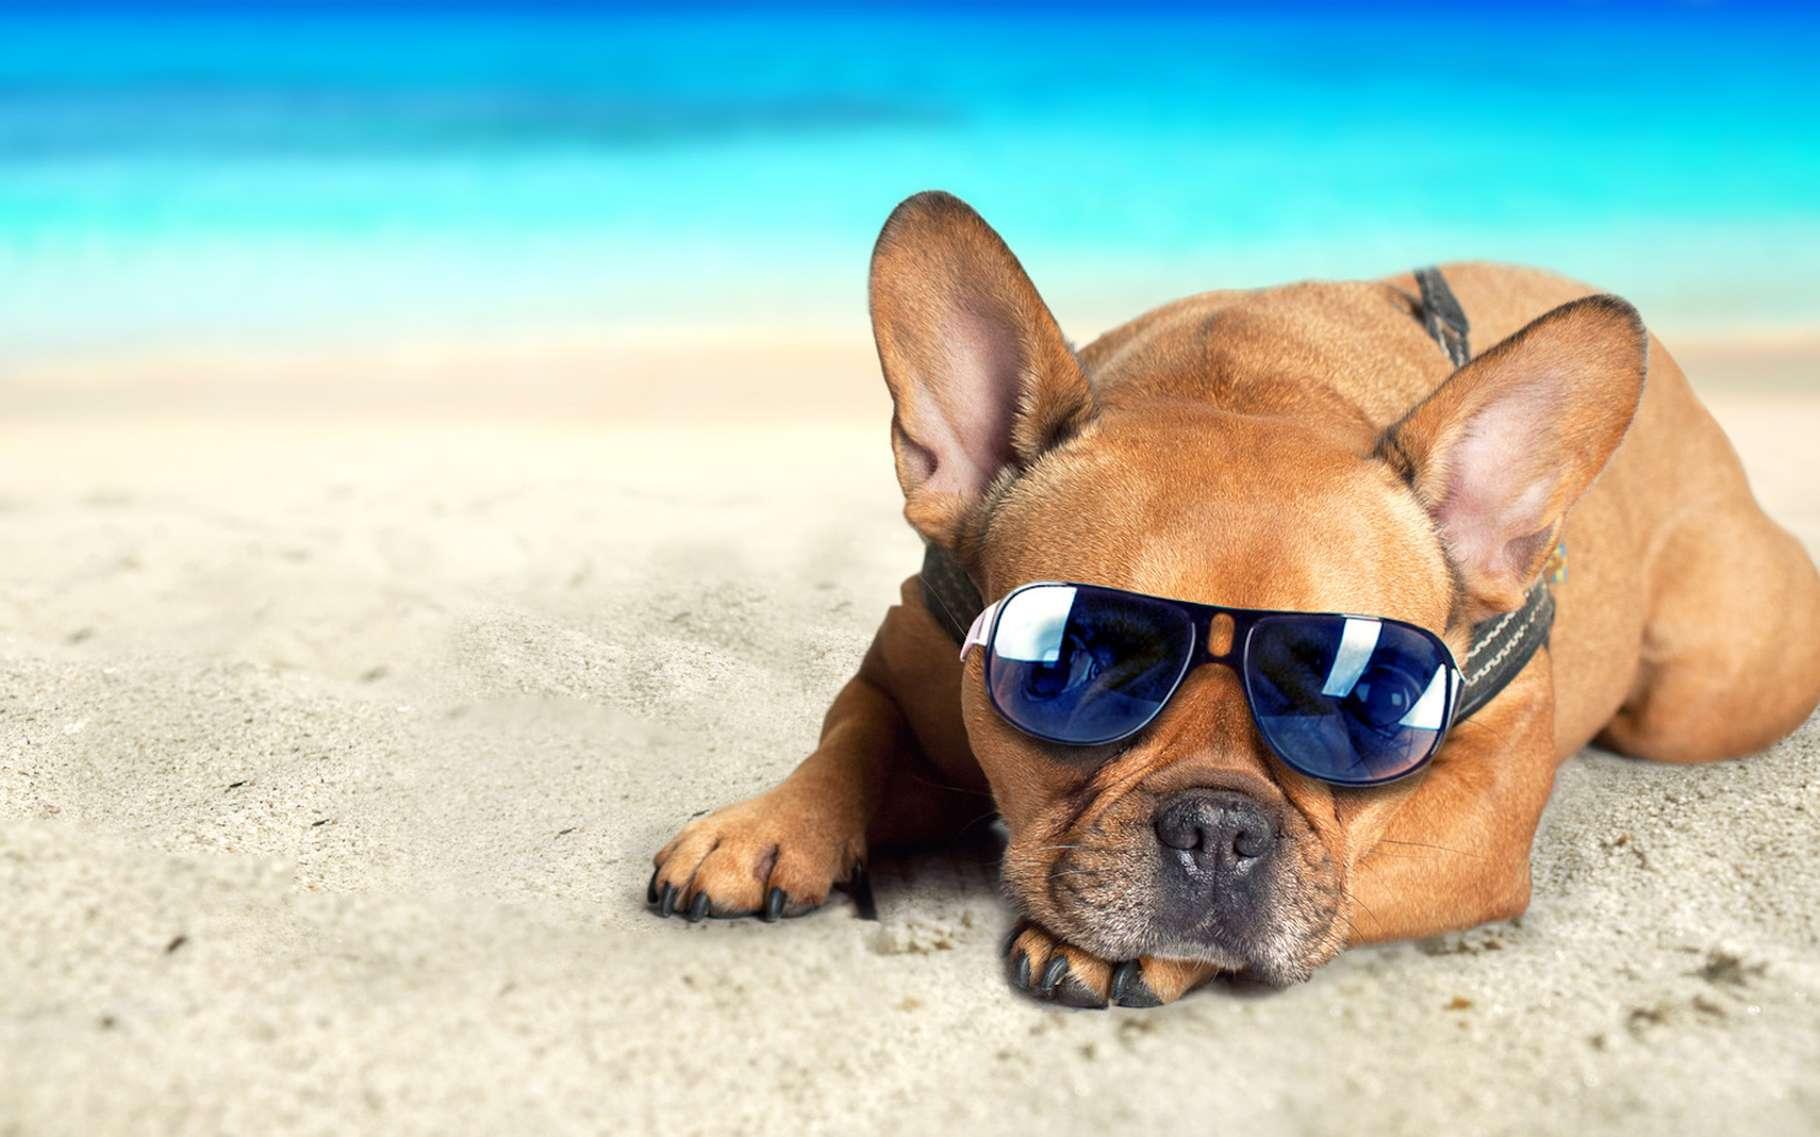 Si vous ne voulez pas que votre chien subisse un coup de chaleur, évitez de l'emmener à la plage, sauf peut-être si vous avez un parasol et s'il peut se rafraîchir dans l'eau. © Jenny Sturm, Fotolia